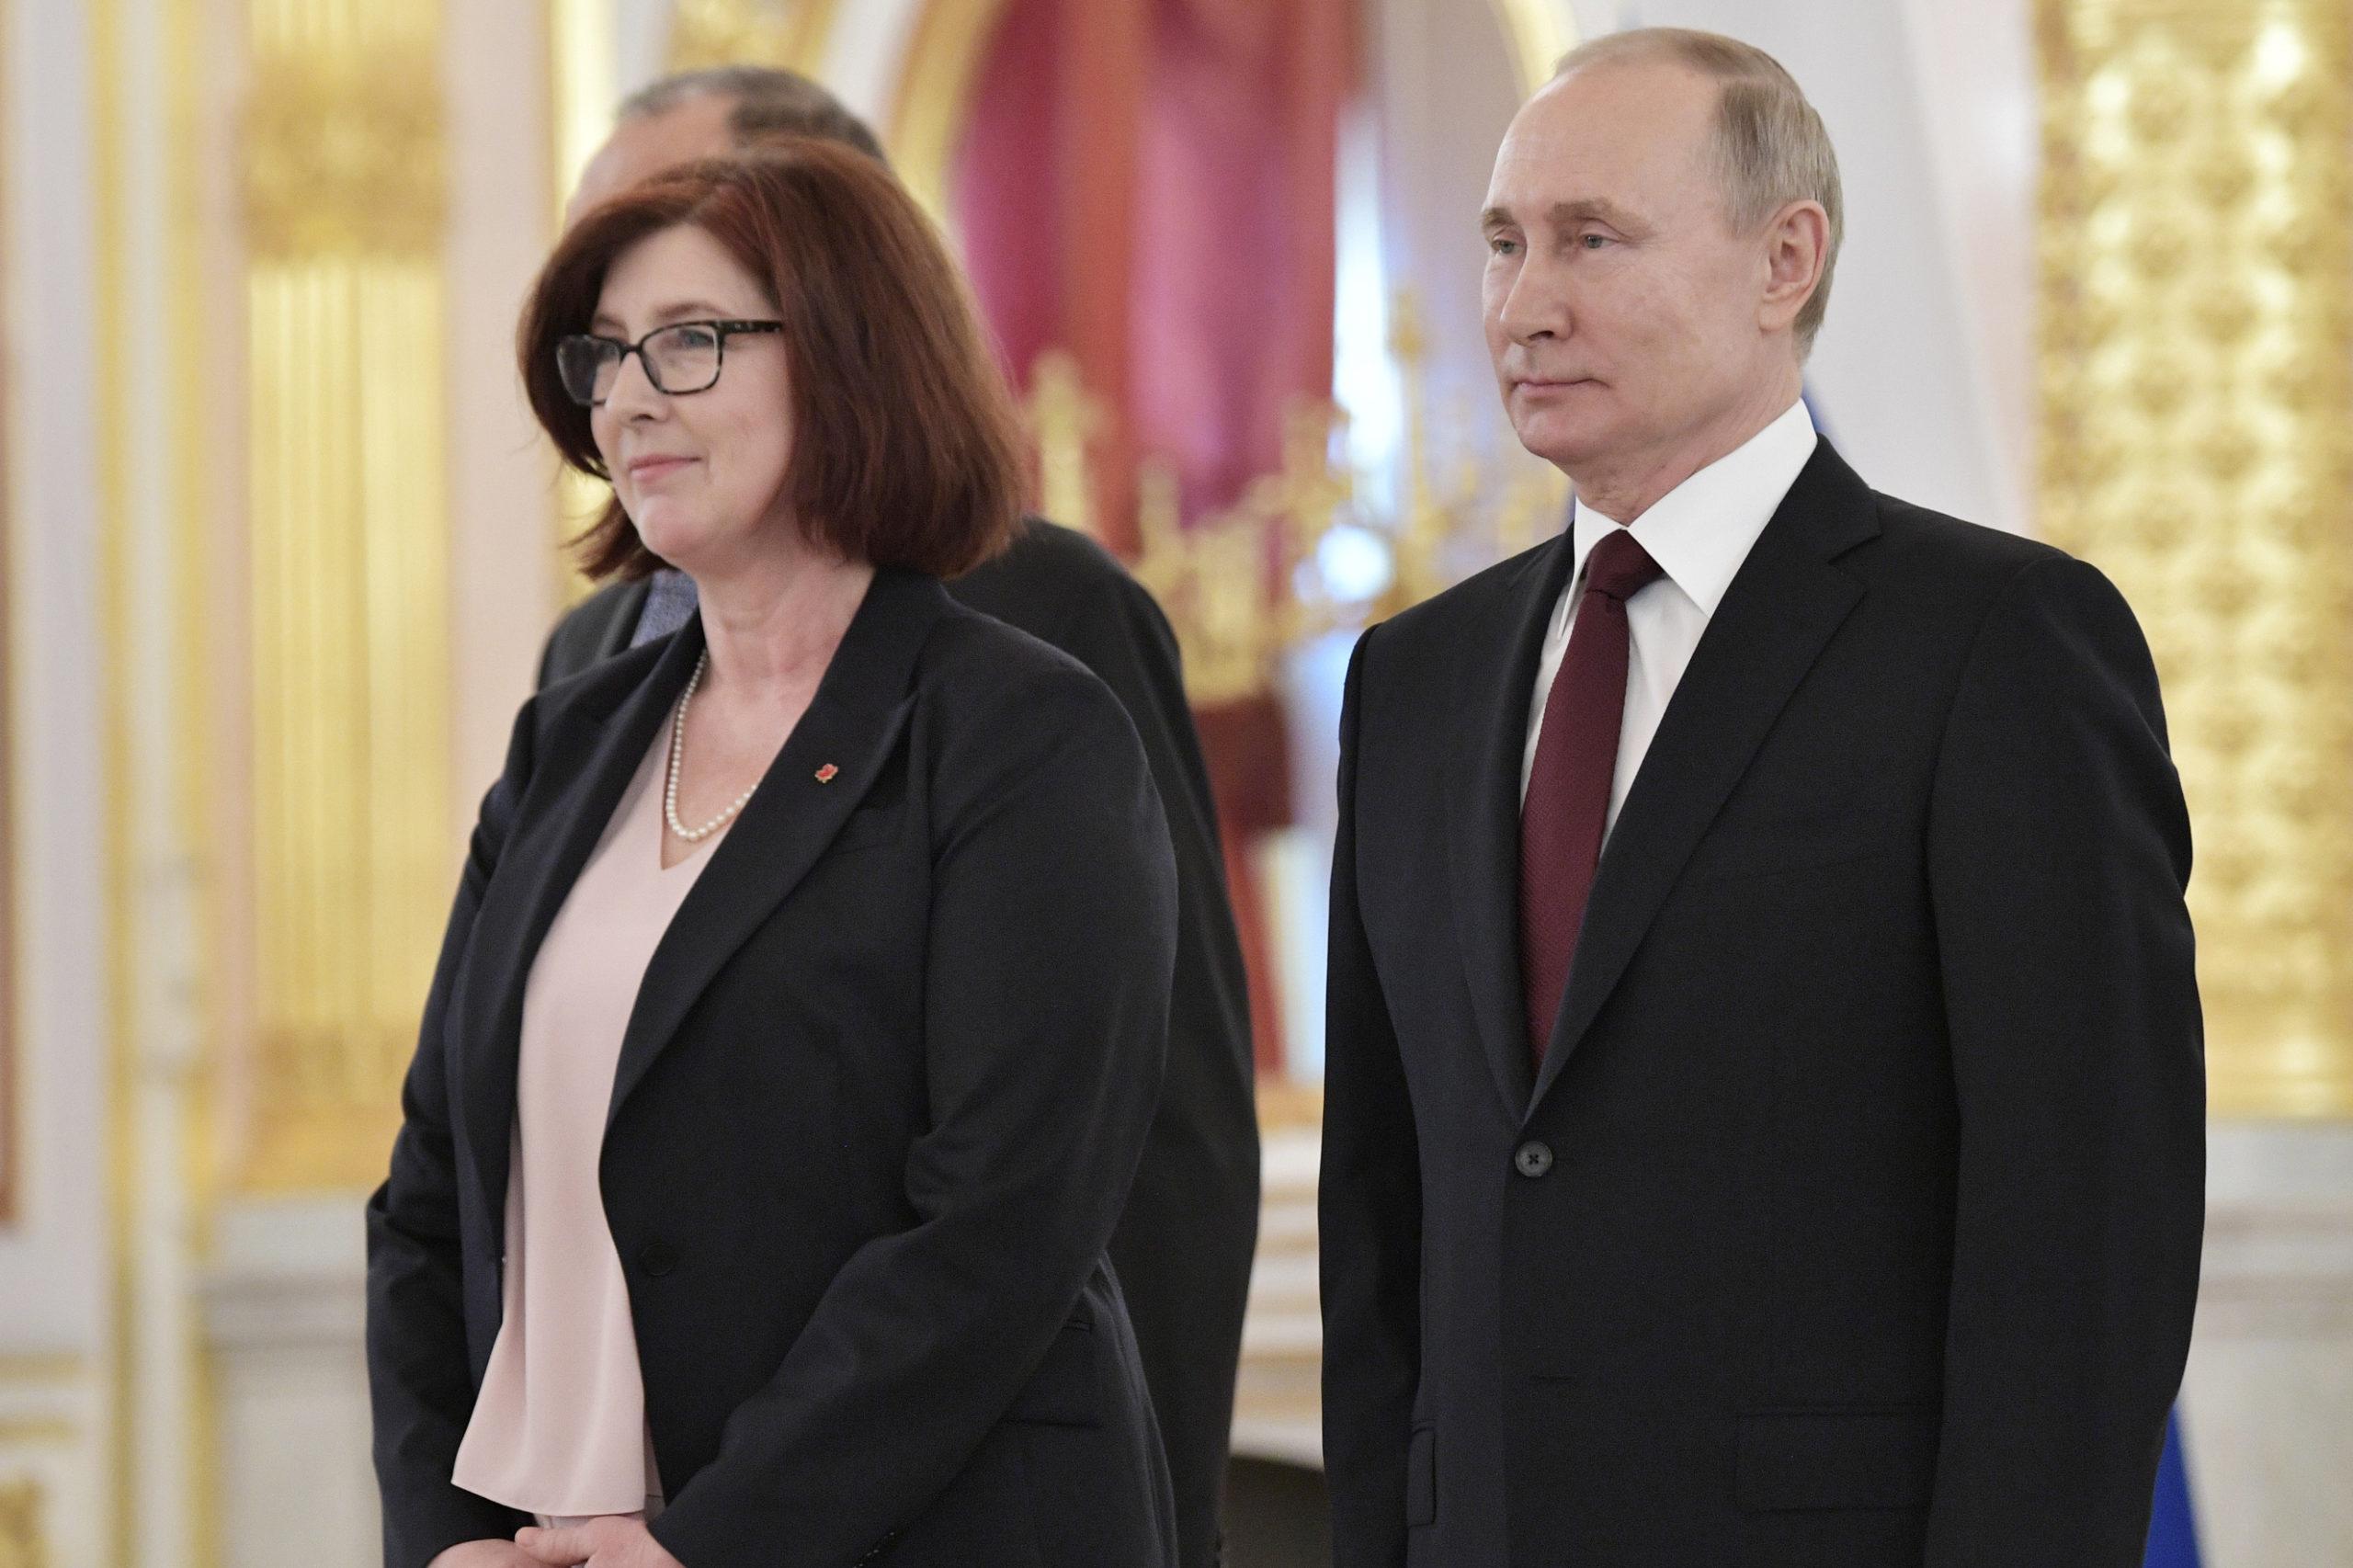 L'ambassadeur du Canada, Alison LeClaire, et le président russe Vladimir Poutine